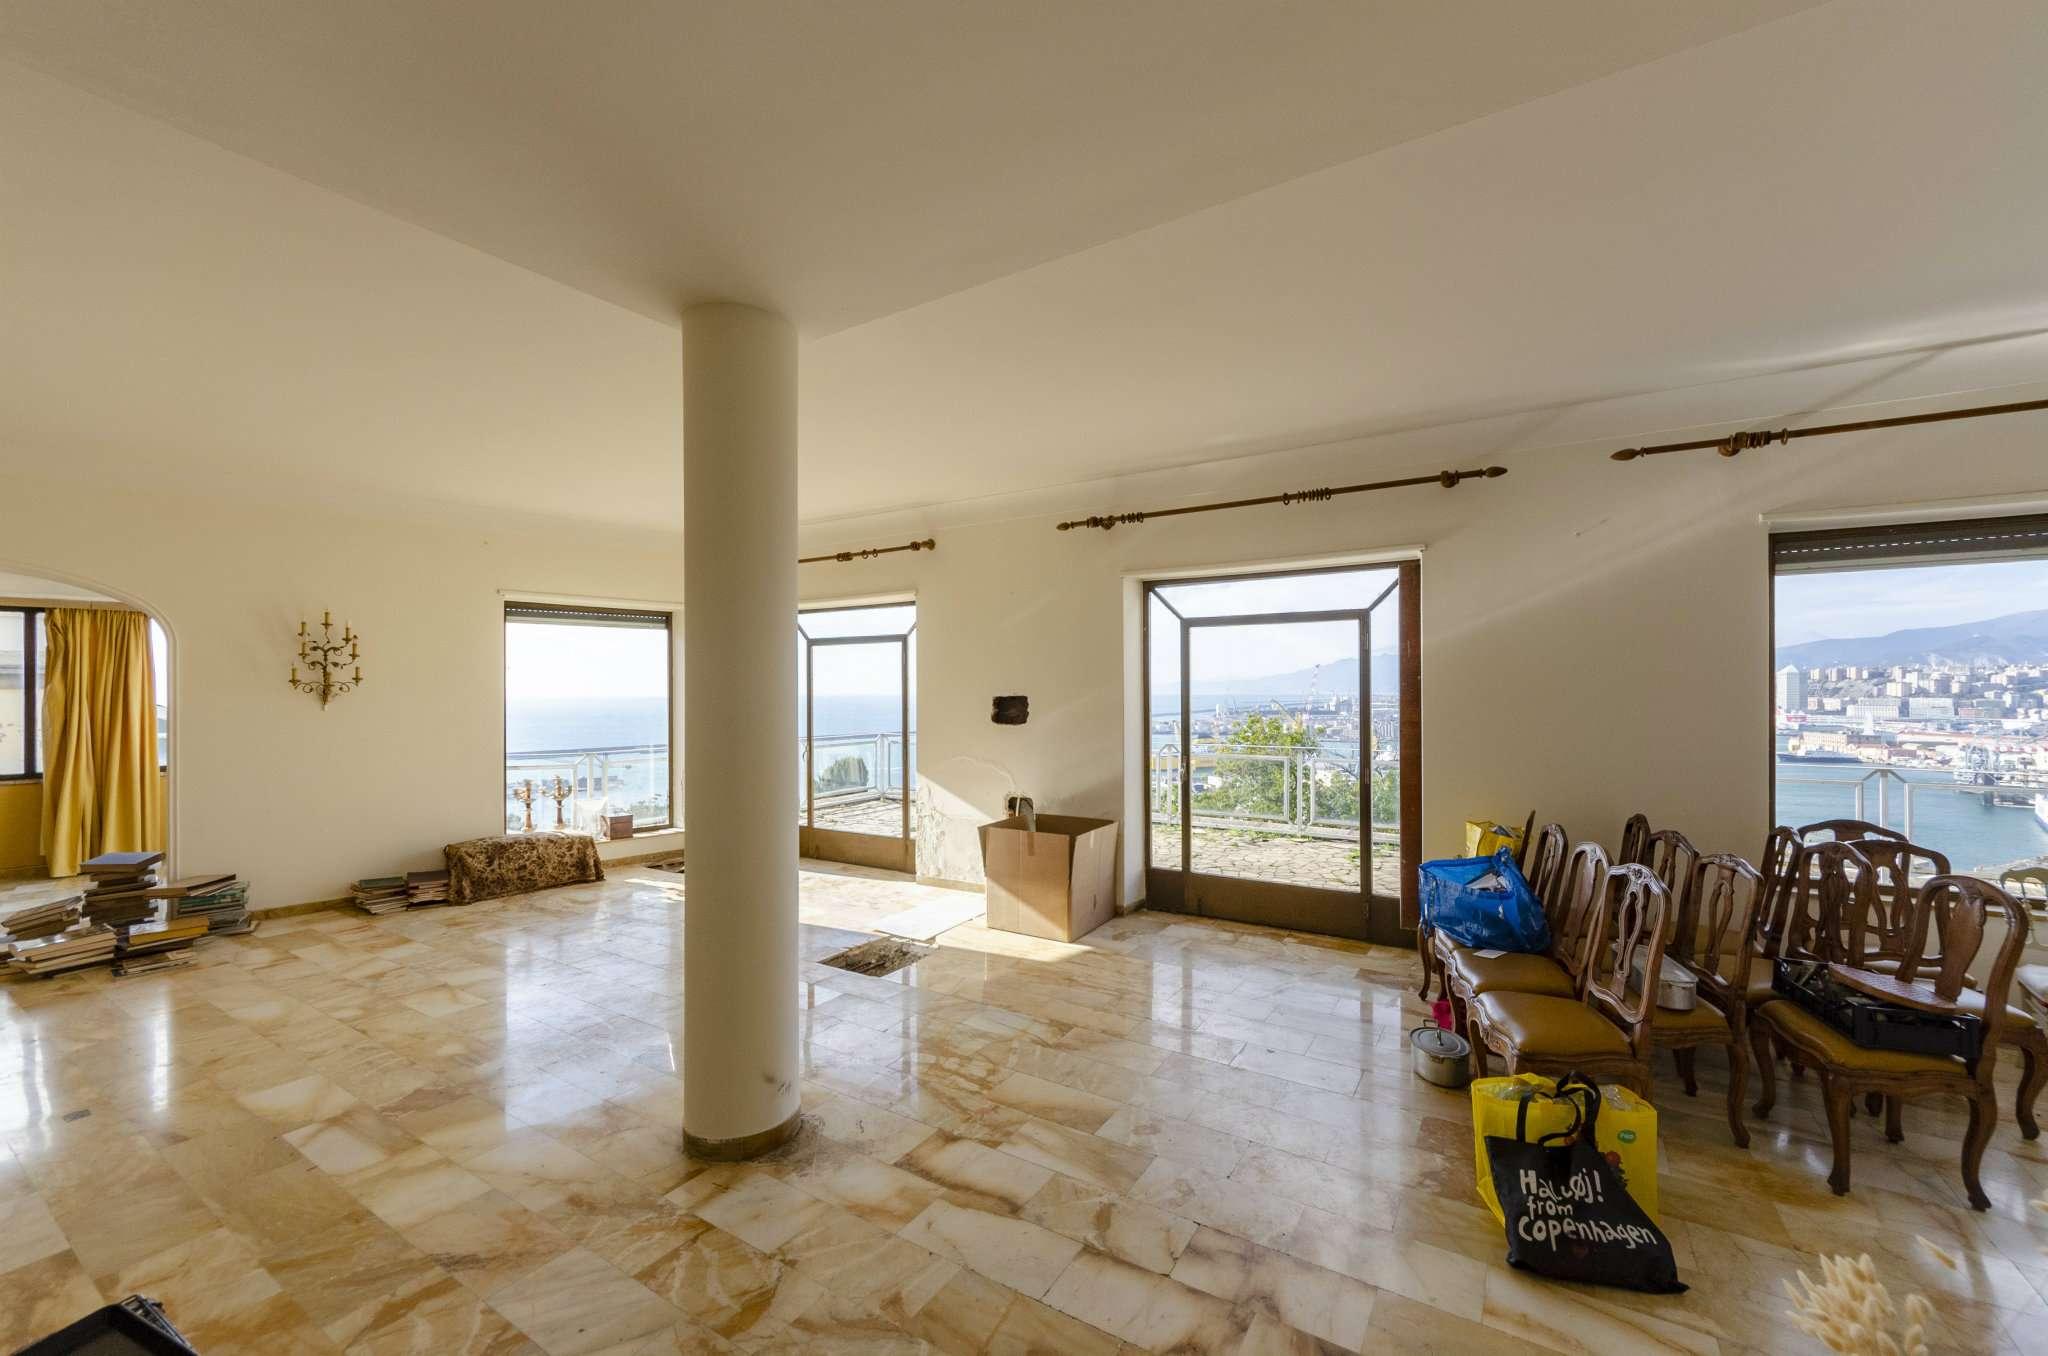 Attico / Mansarda in vendita a Genova, 9999 locali, zona Foce, Castelletto, Albaro, Carignano, Medio Levante, prezzo € 1.380.000 | PortaleAgenzieImmobiliari.it